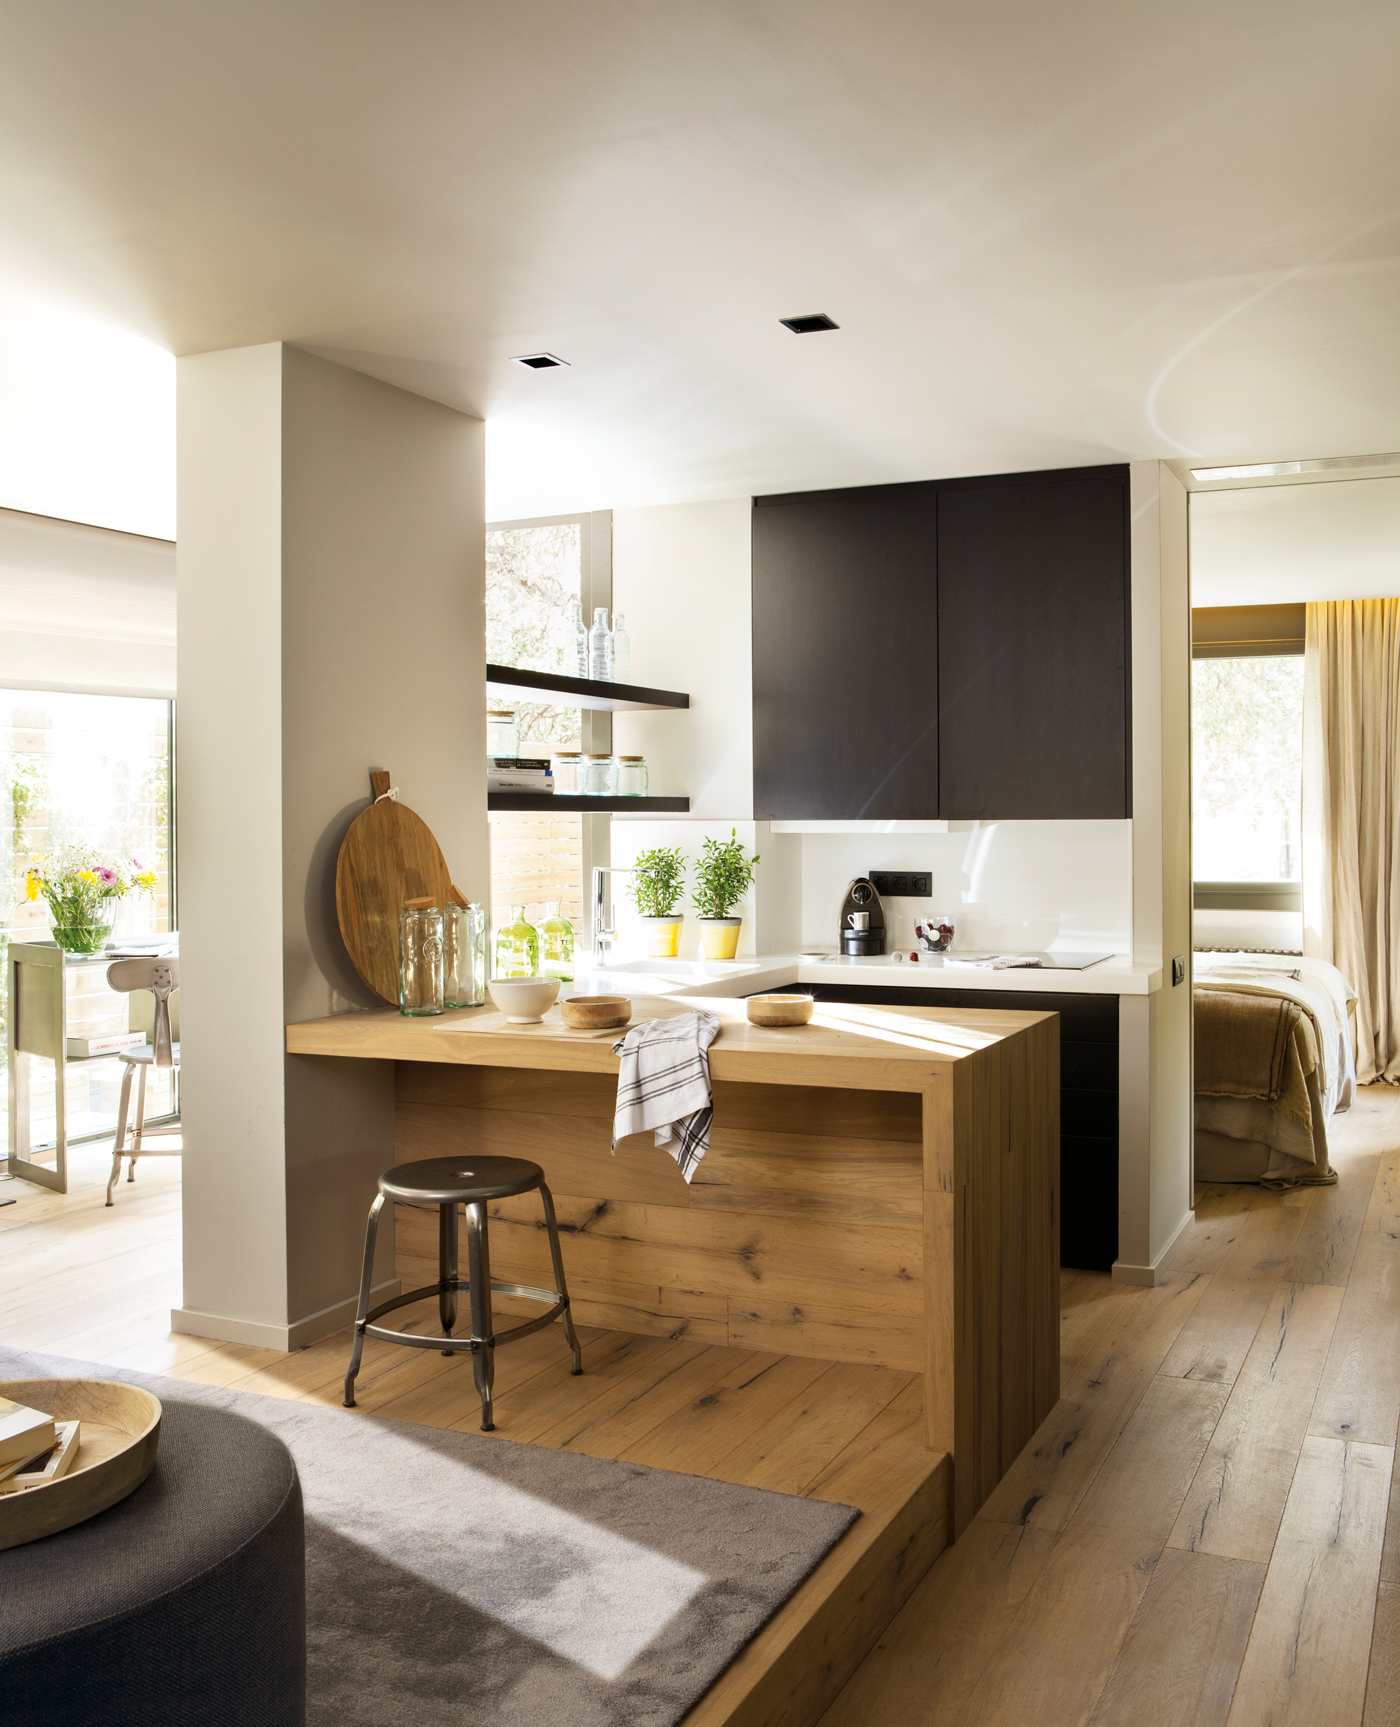 Muebles vers tiles con doble funci n ideales para espacios for Ambientes chicos